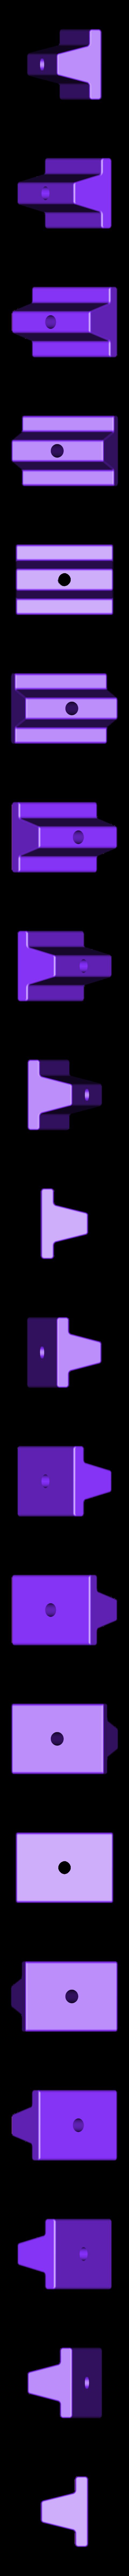 pinch.STL Télécharger fichier STL gratuit Outil de ponçage • Plan imprimable en 3D, perinski